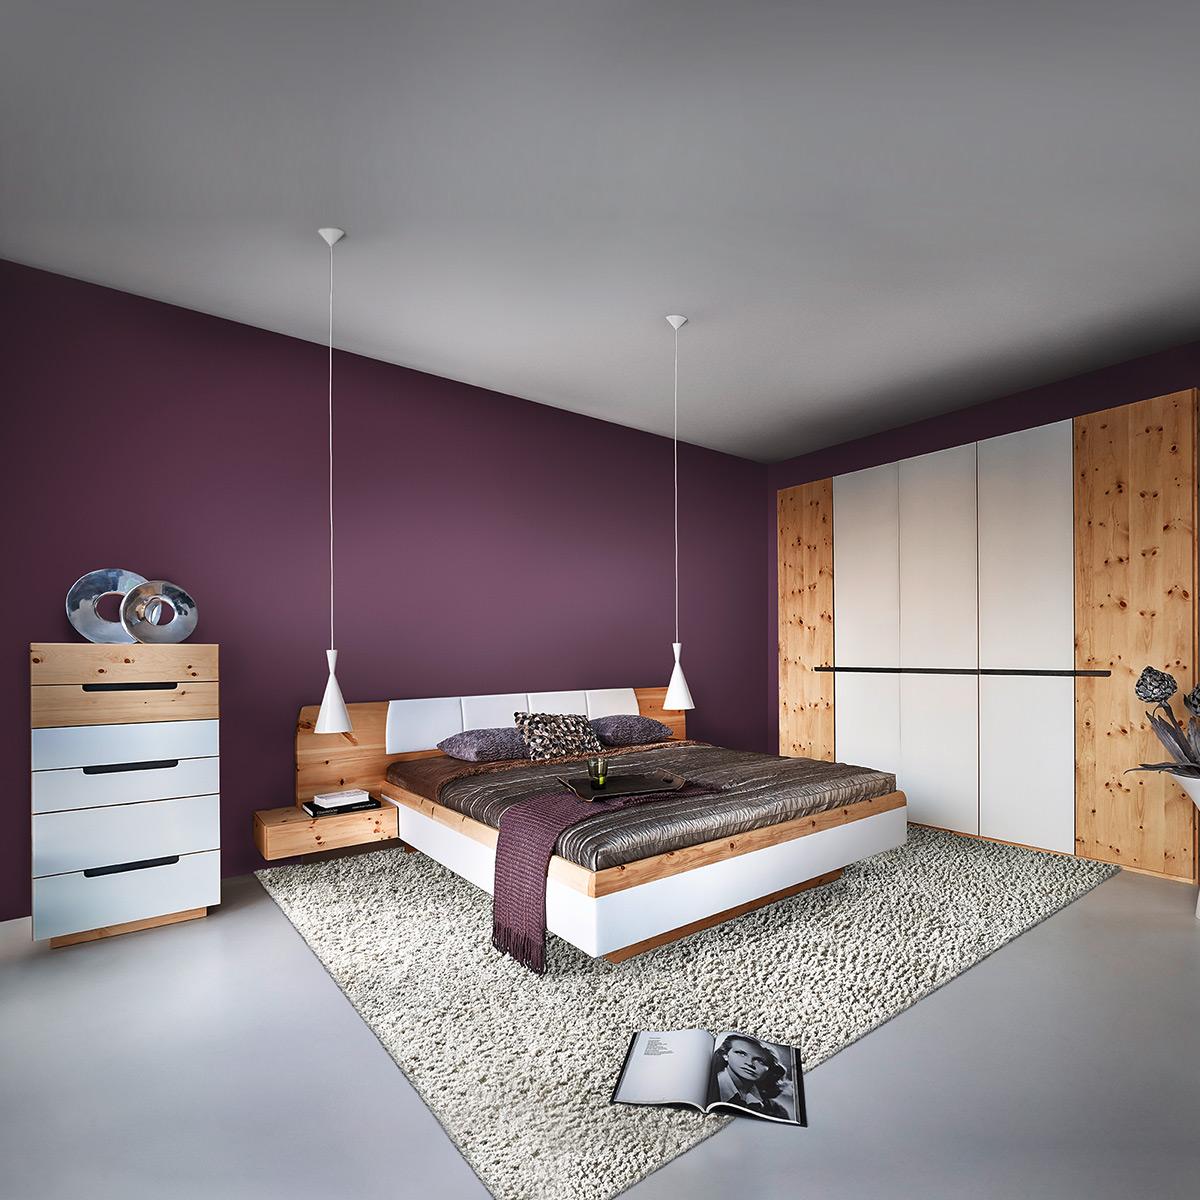 Chinesische Möbel Frankfurt beige ontwerp woonkamer